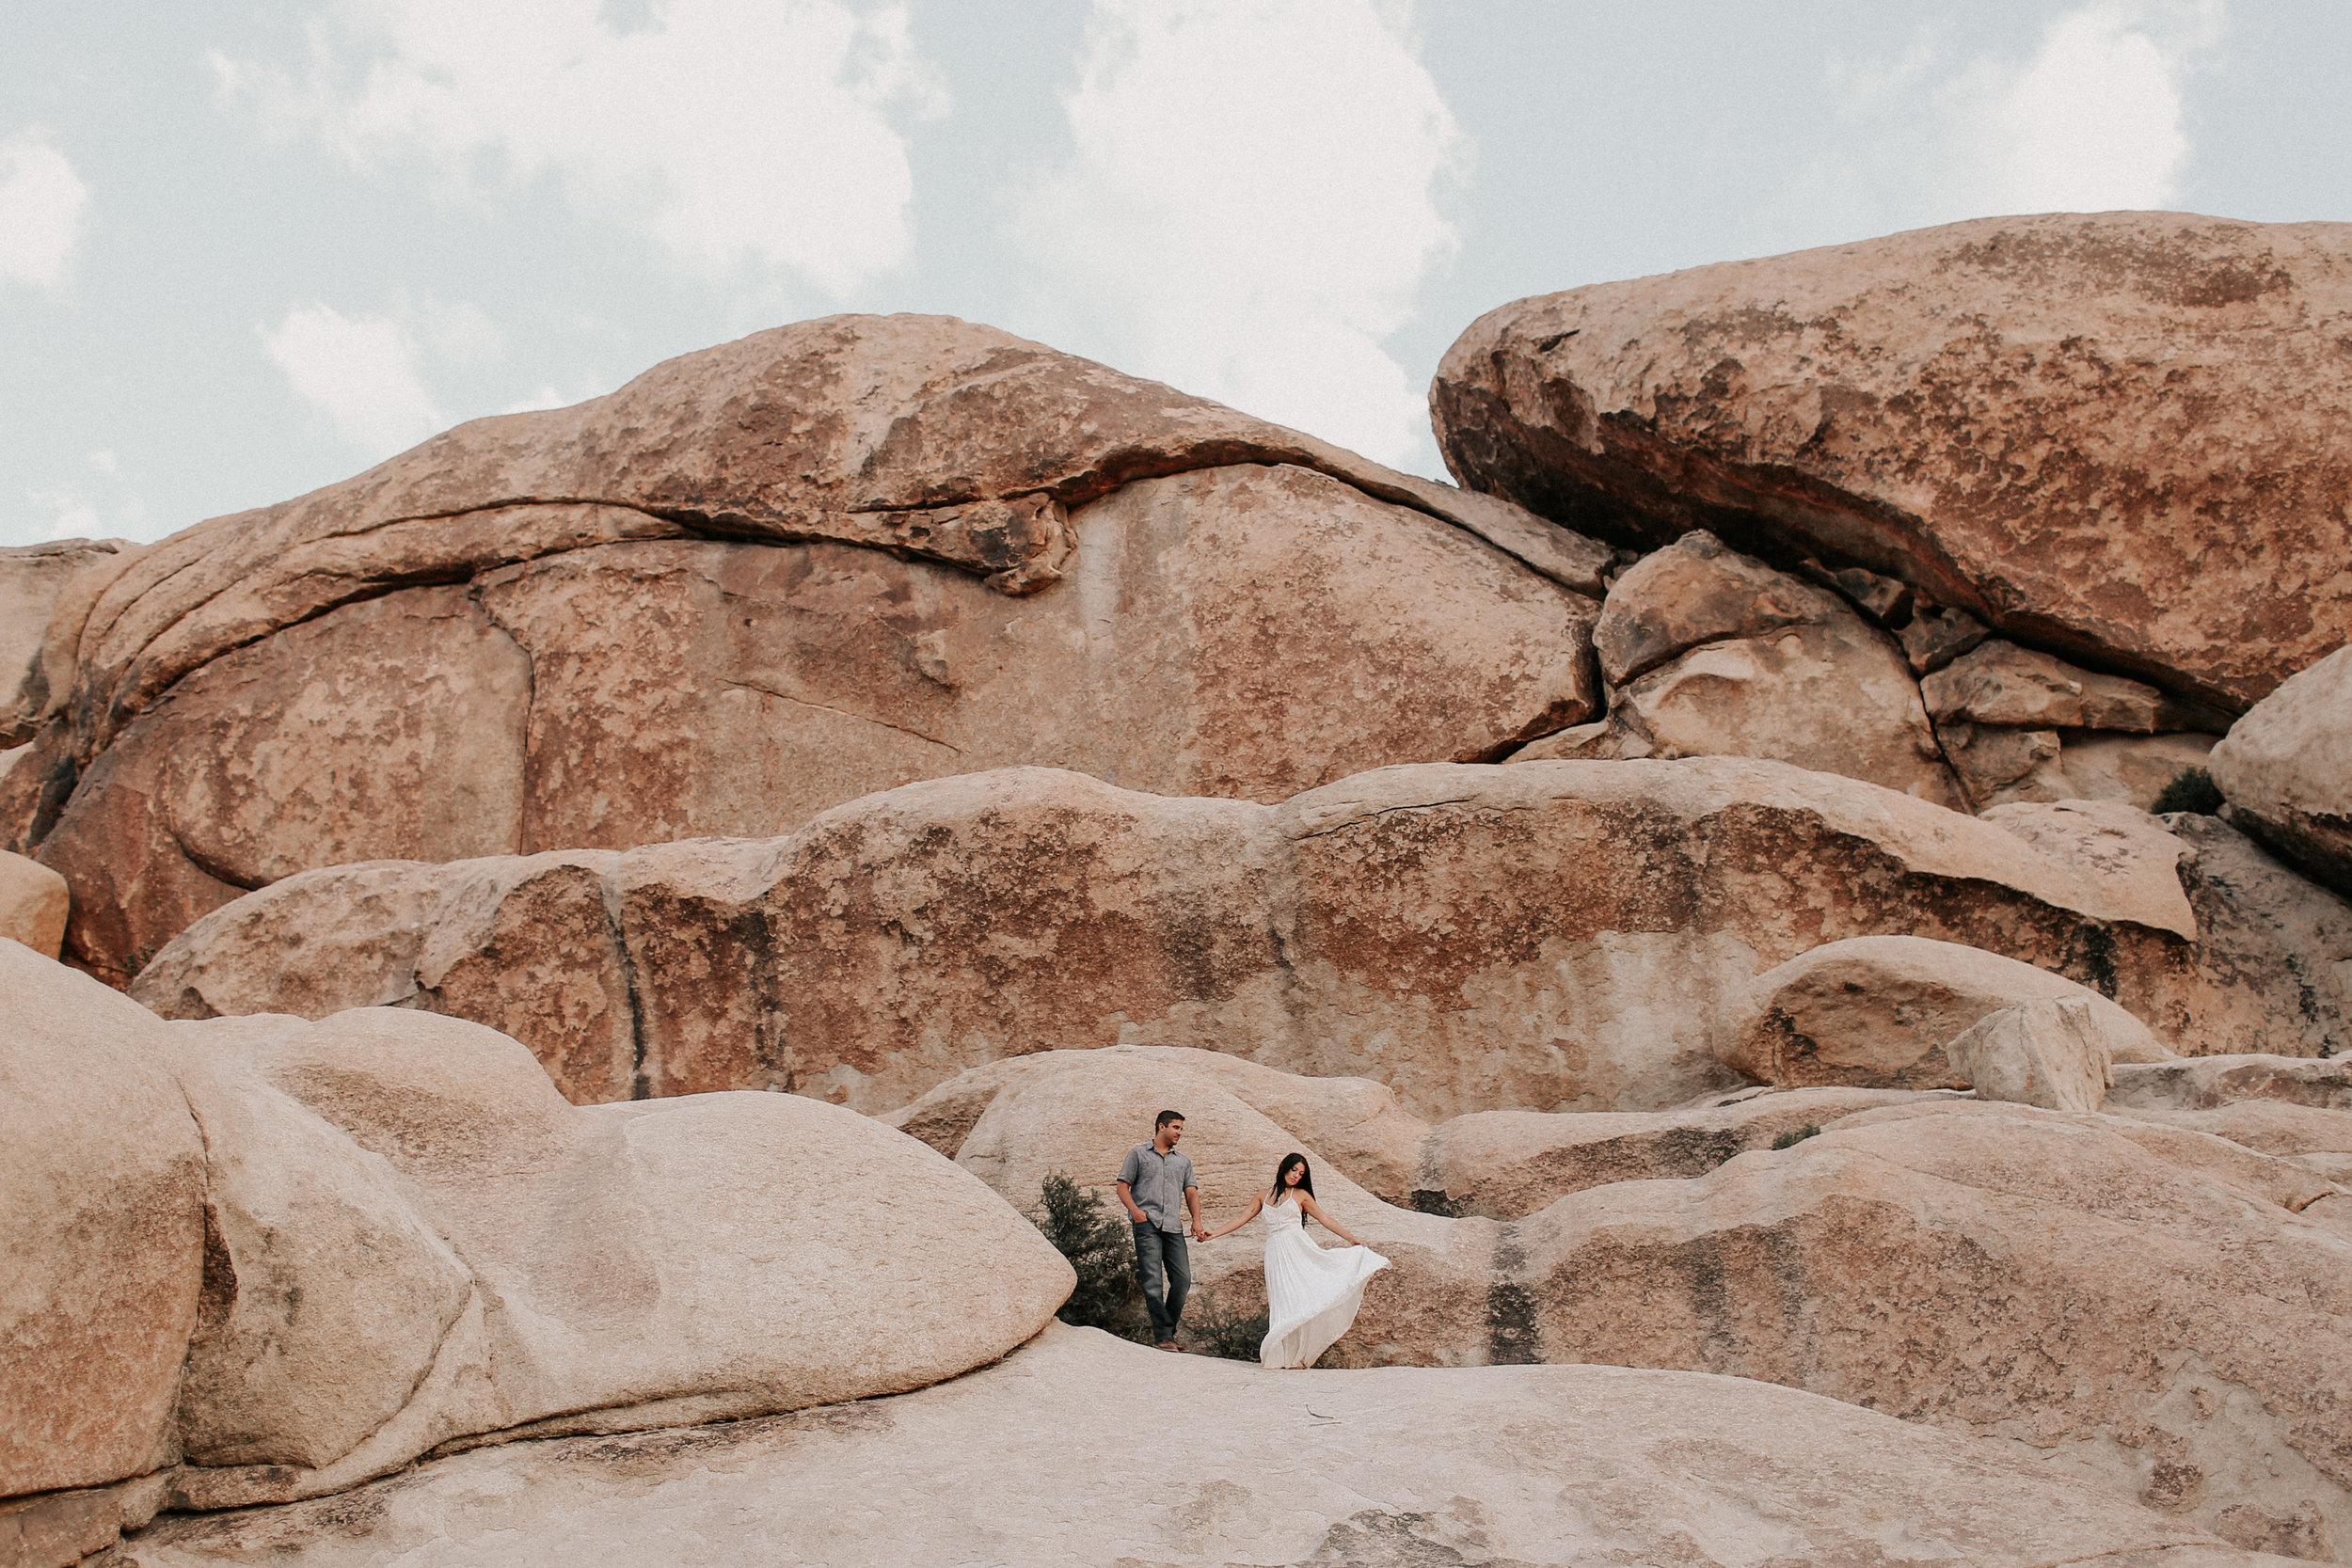 Desert_Engagement_MelissaMarshall_33.jpg